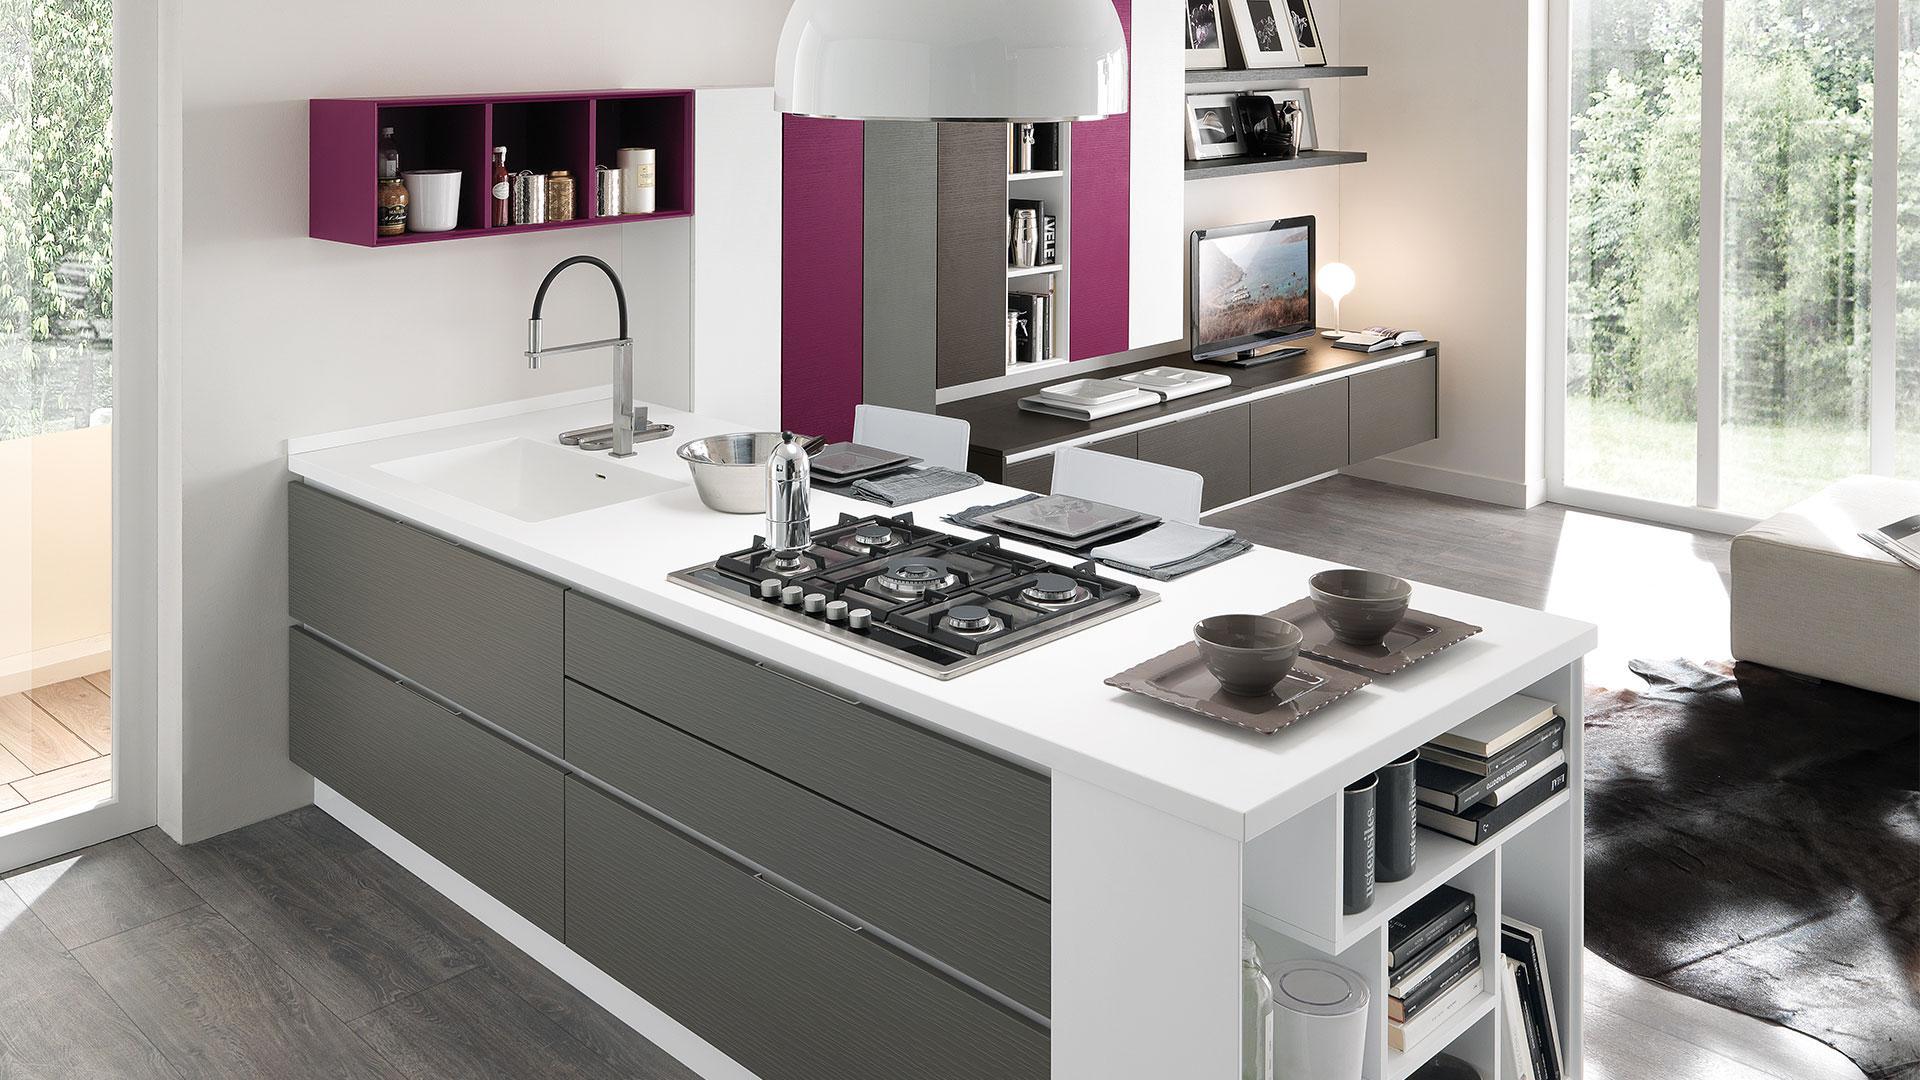 Beautiful Cucina Lube Modello Veronica Contemporary - Home Ideas ...